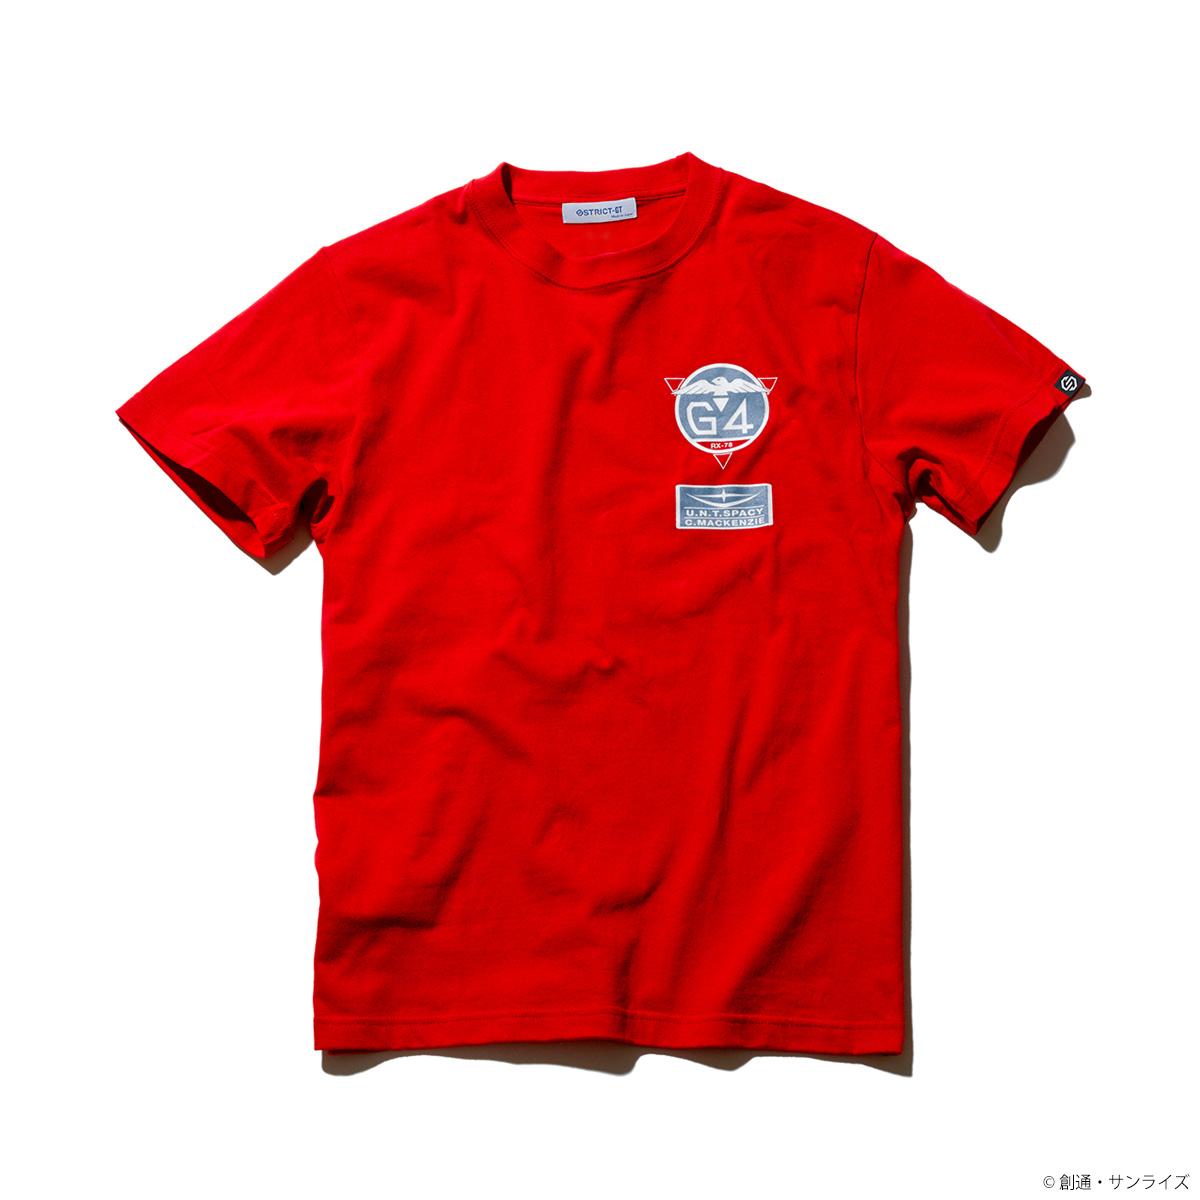 『機動戦士ガンダム0080 ポケットの中の戦争』Tシャツ クリスチーナ・G-4部隊柄